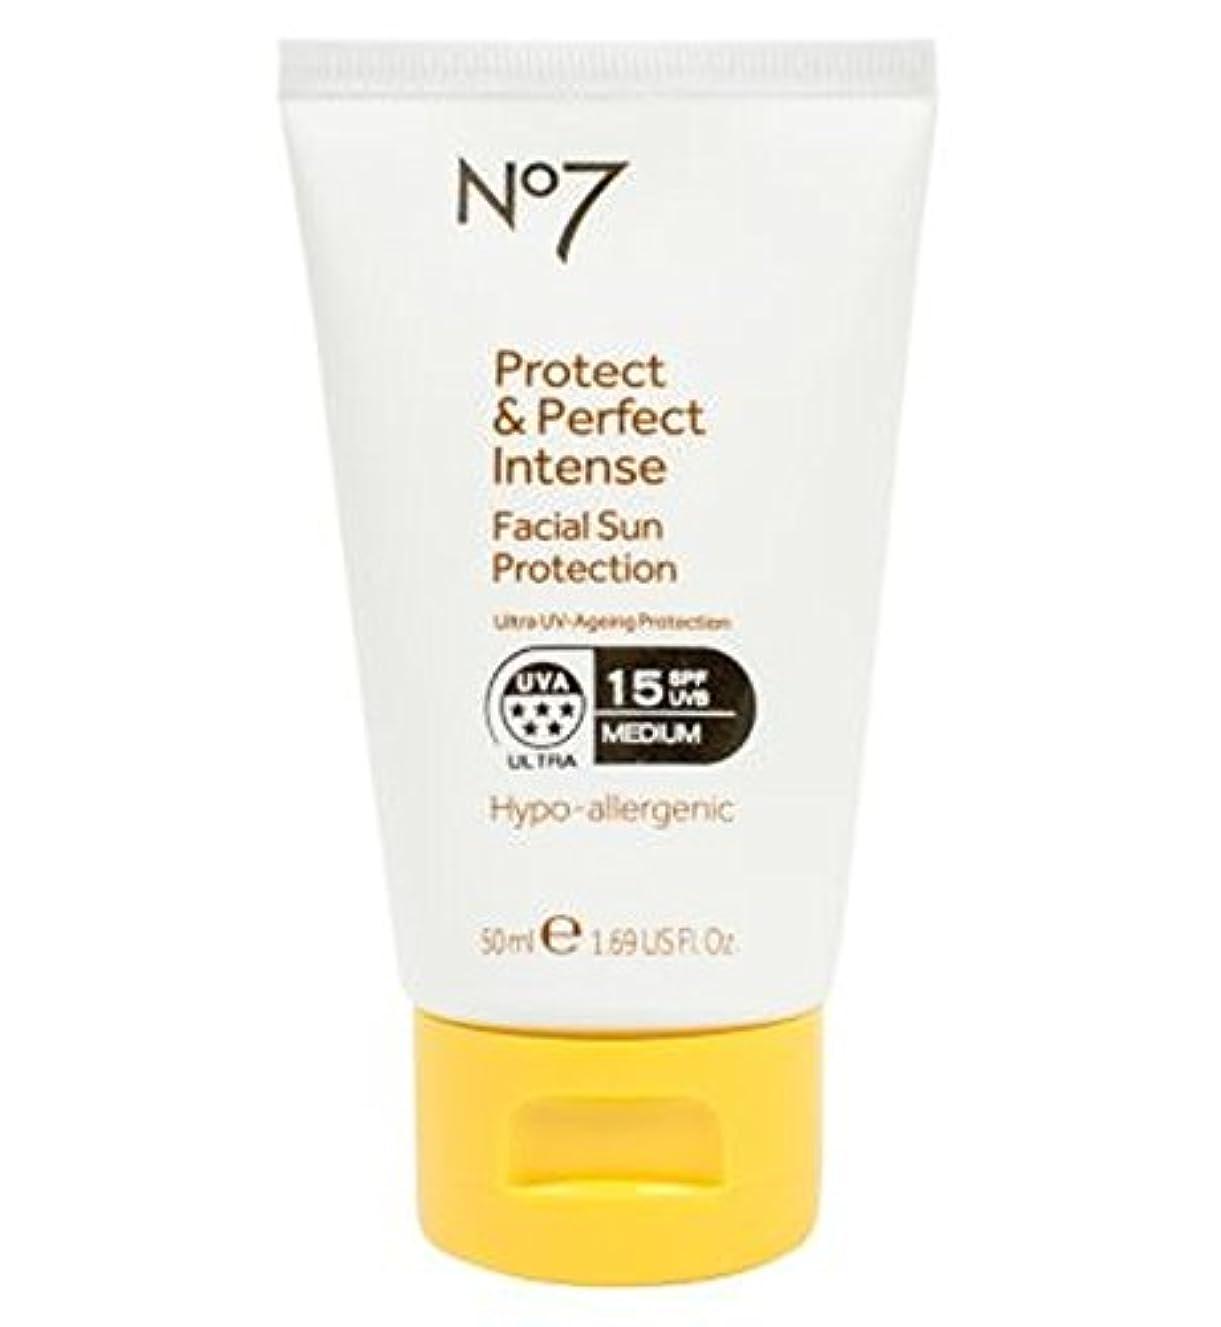 最大のランデブースケジュールNo7保護&完璧な強烈な顔の日焼け防止Spf 15 50ミリリットル (No7) (x2) - No7 Protect & Perfect Intense Facial Sun Protection SPF 15 50ml...